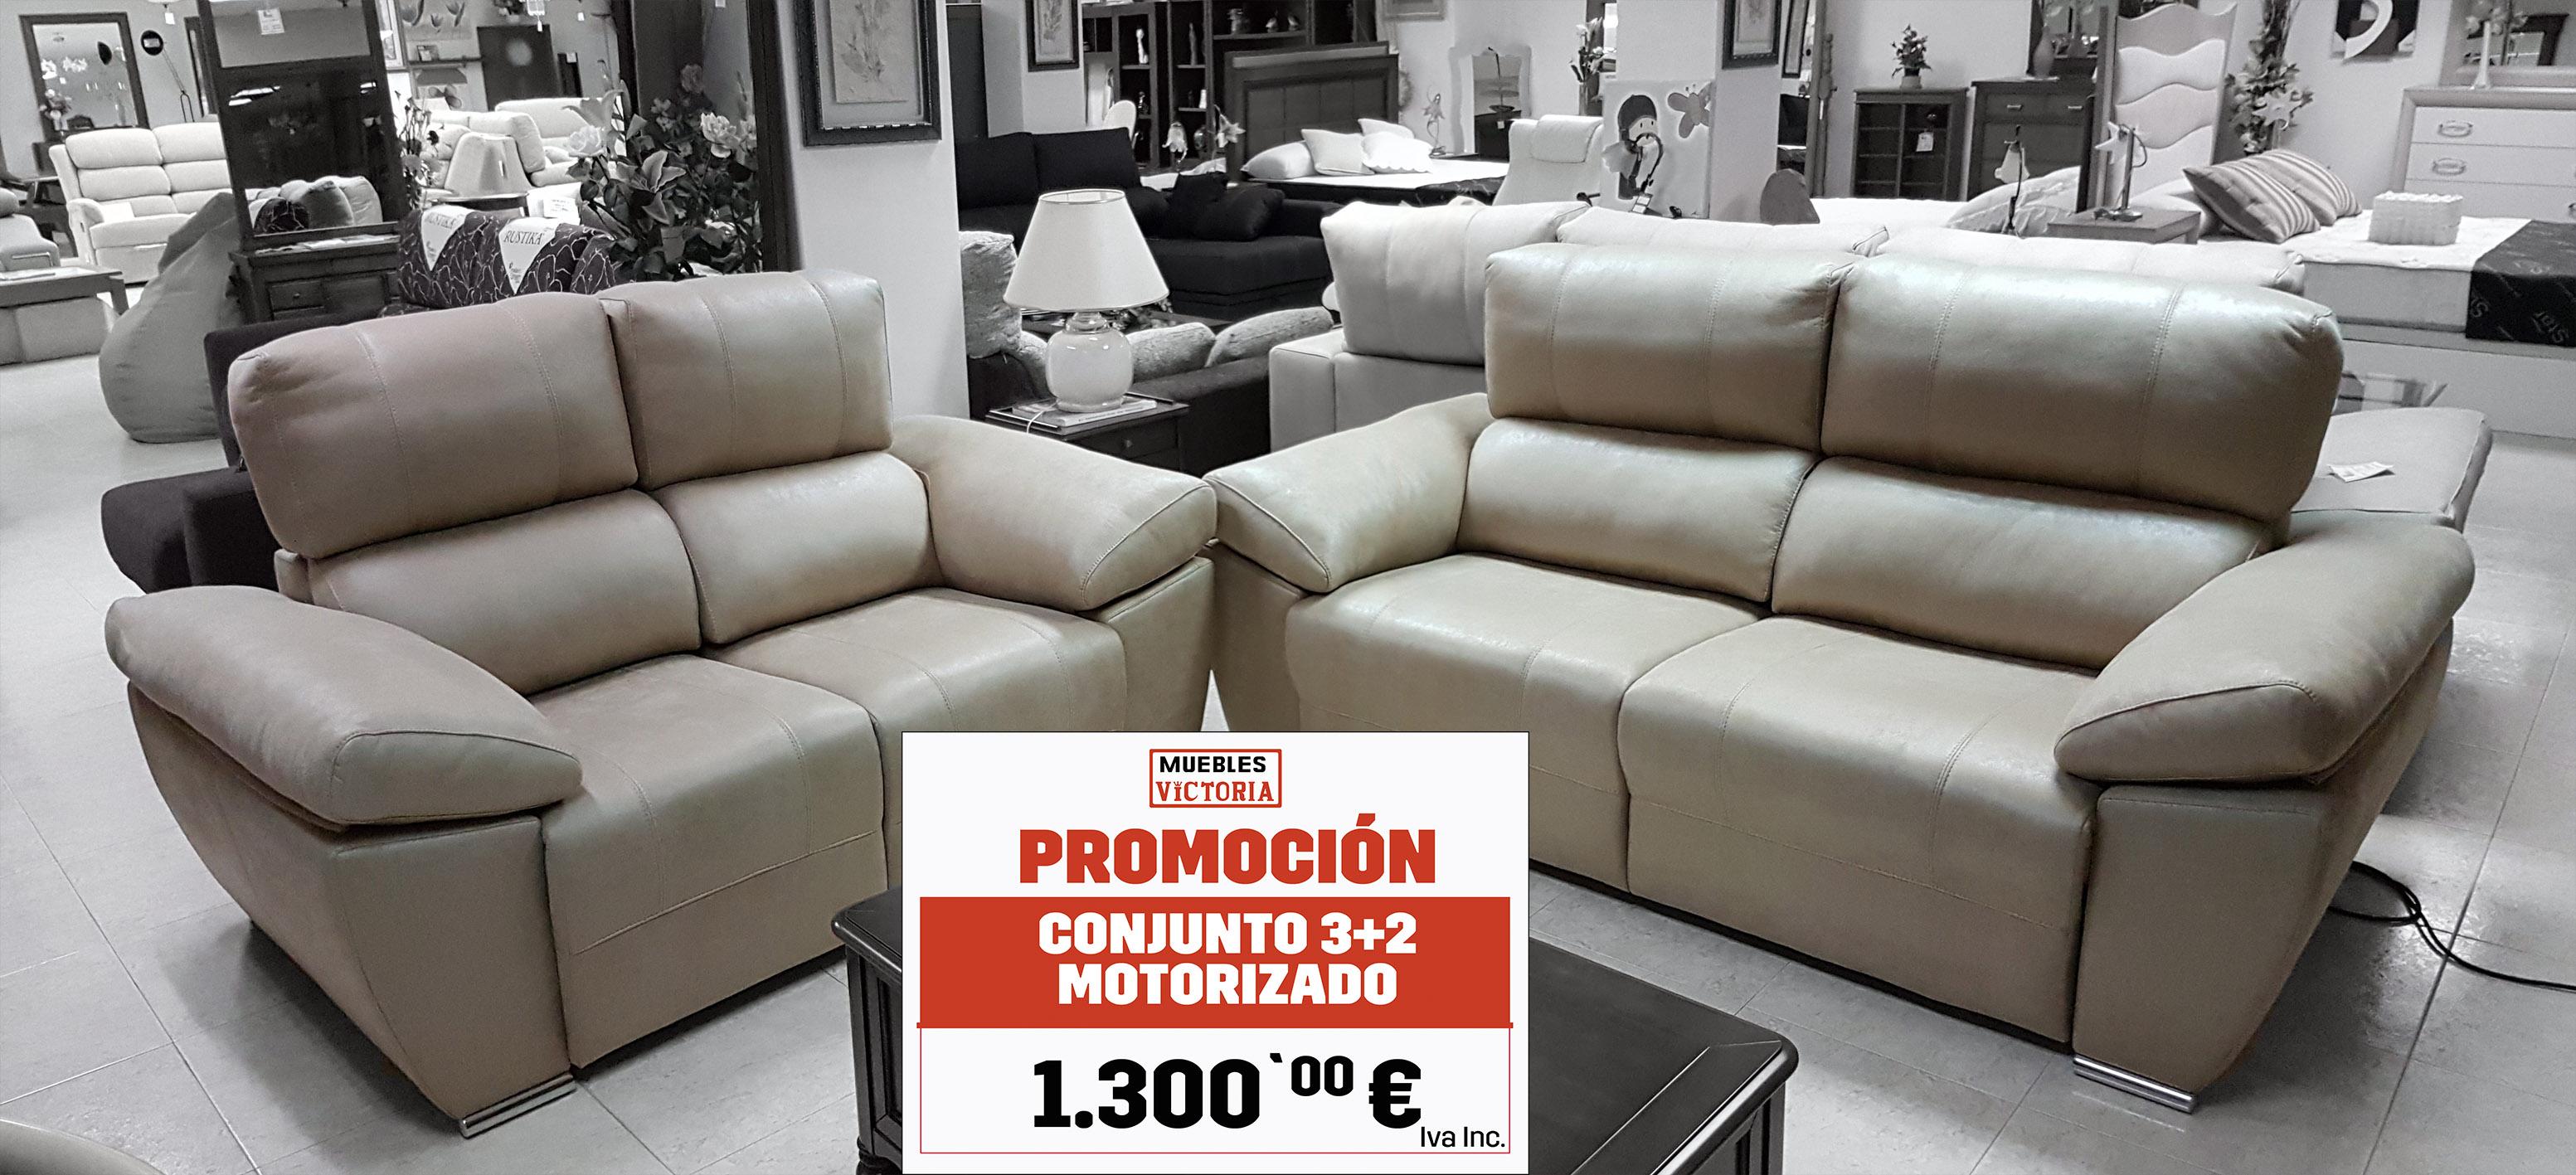 Muebles Victoria Tienda Especializada En Muebles Y Descanso Ven  # Muebles Cartagena